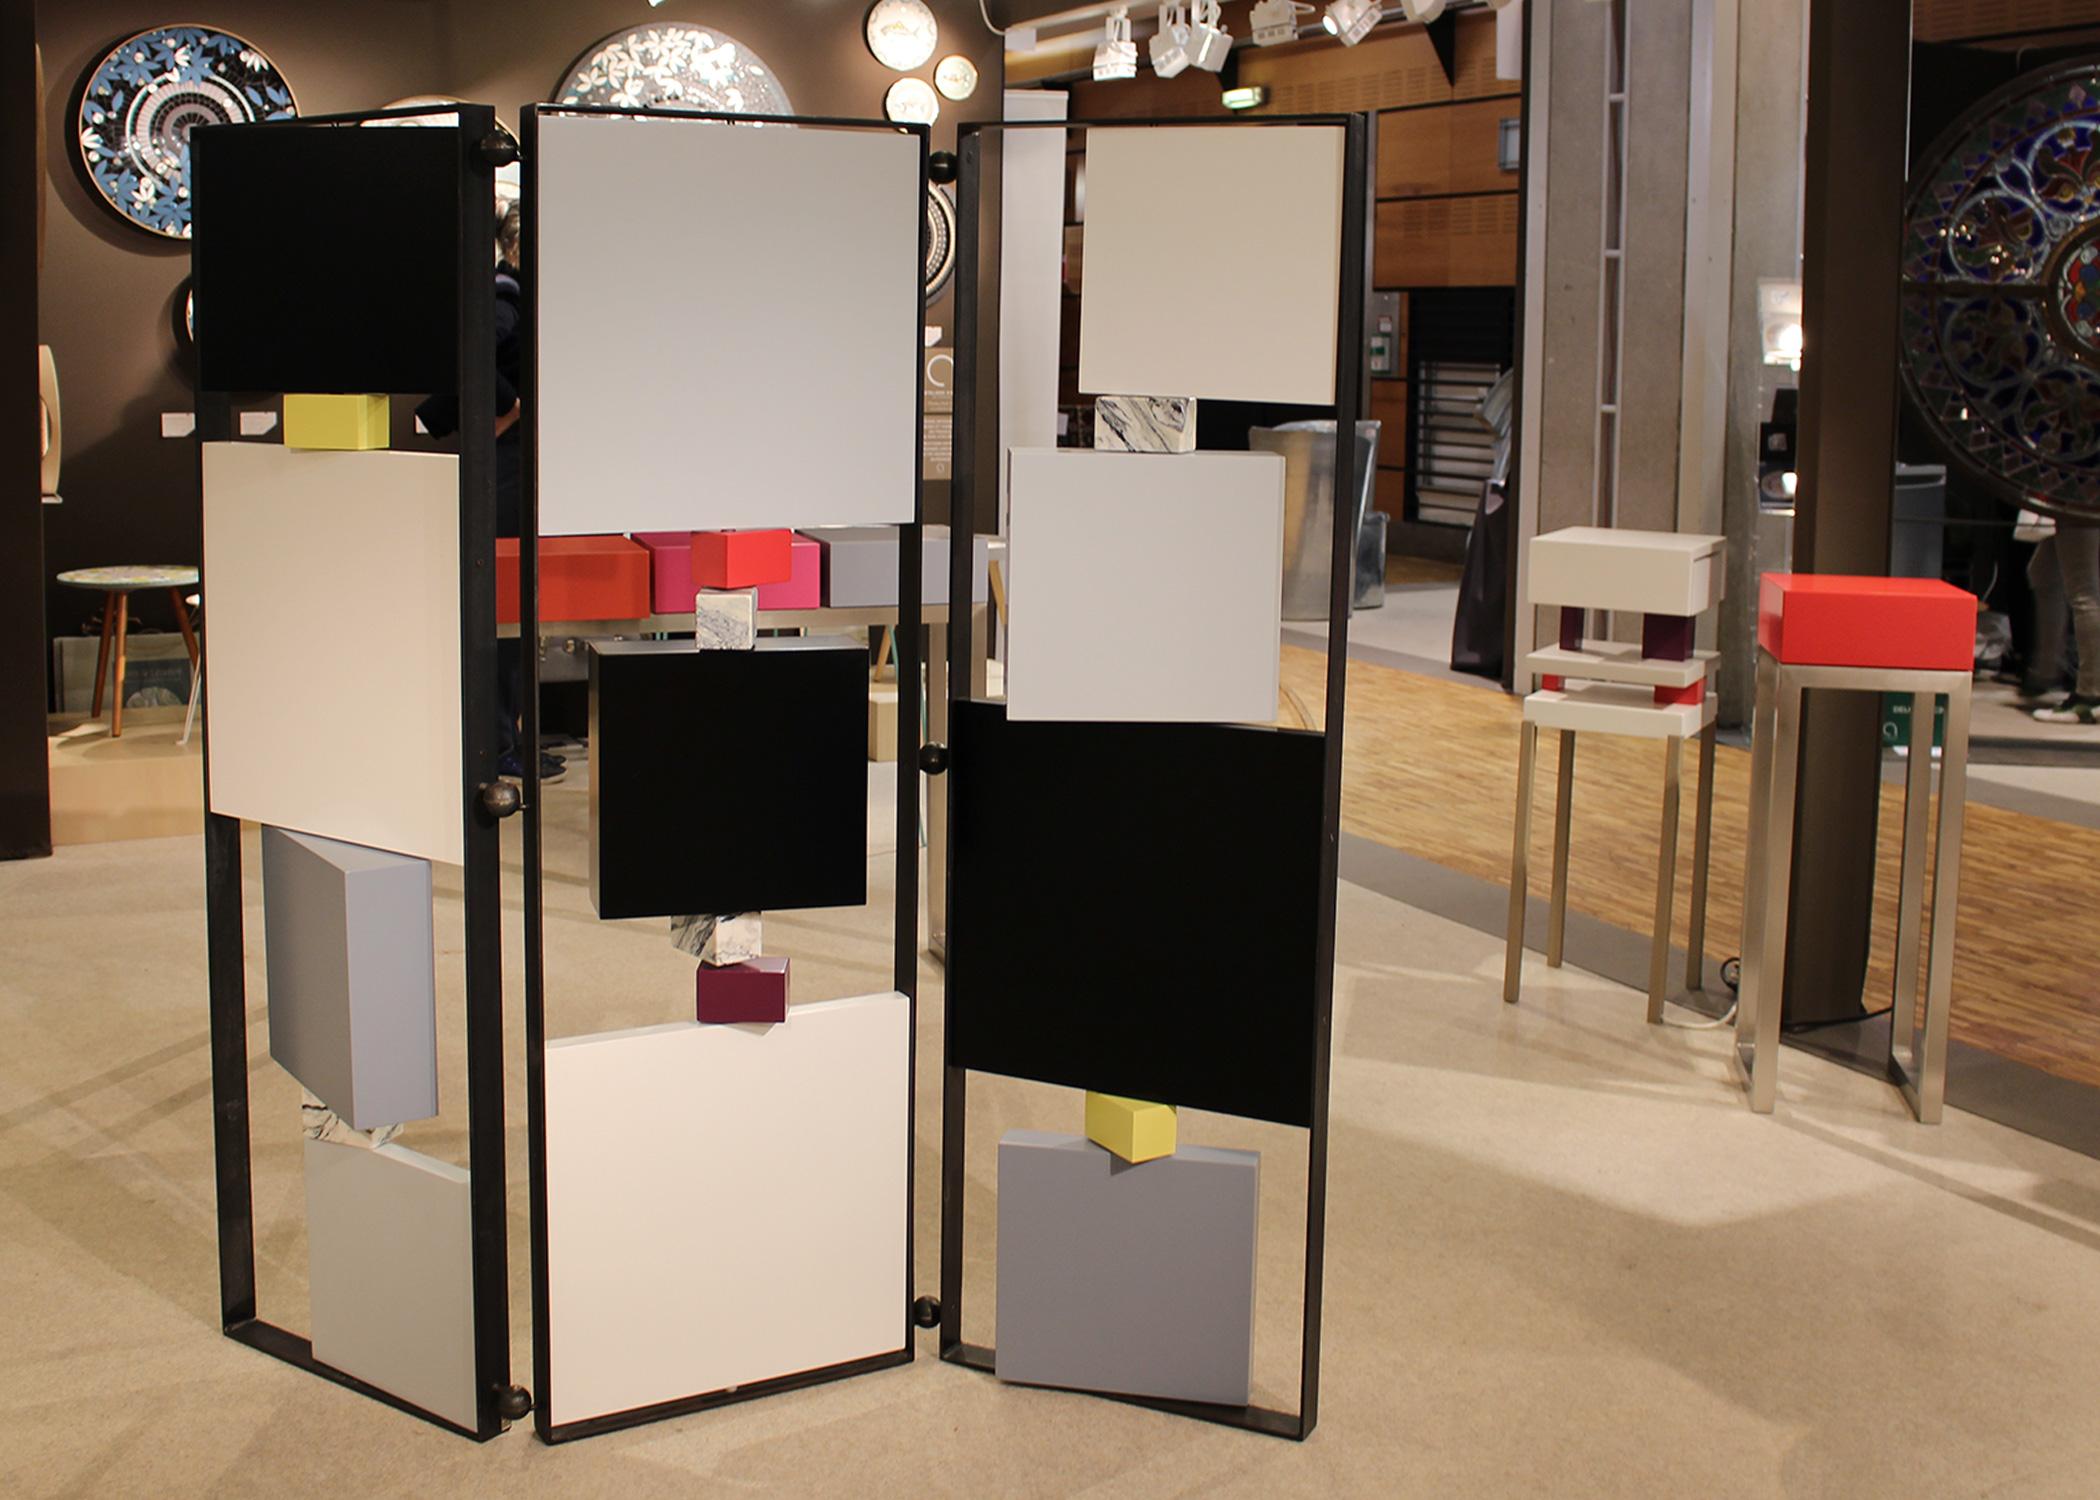 Vente Mobilier Design Fond D Atelier Novembre 2018 Les Pieds Sur La Table